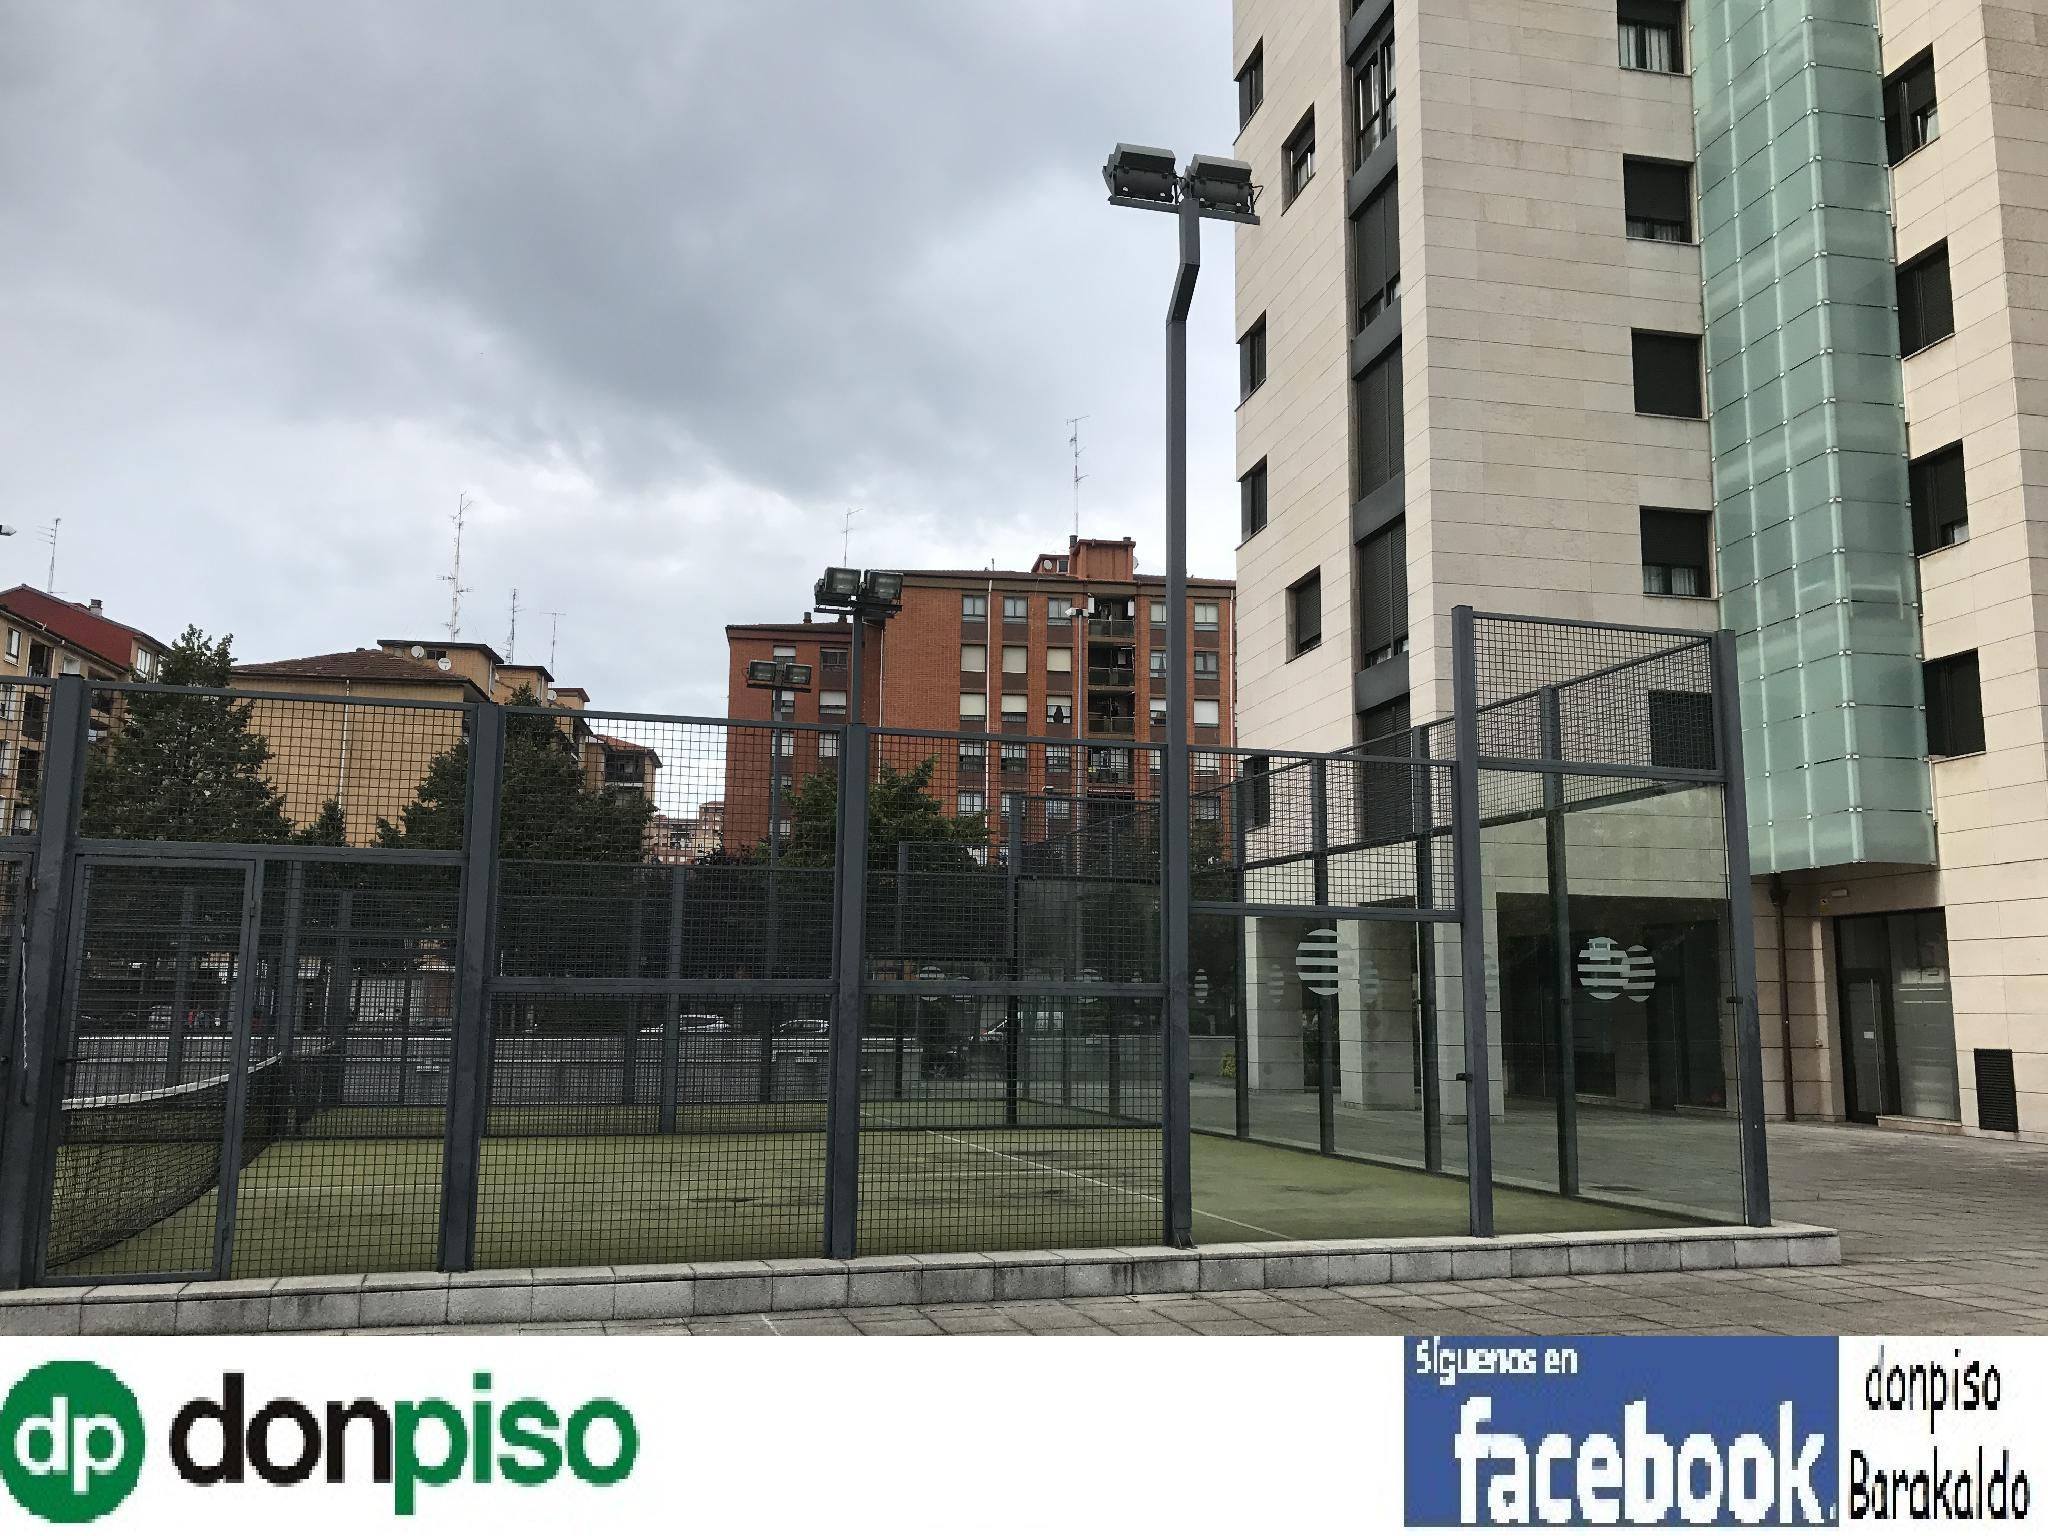 194250 - Próximo a Bilbao Exhibition Centre. Ronda de Azkue.